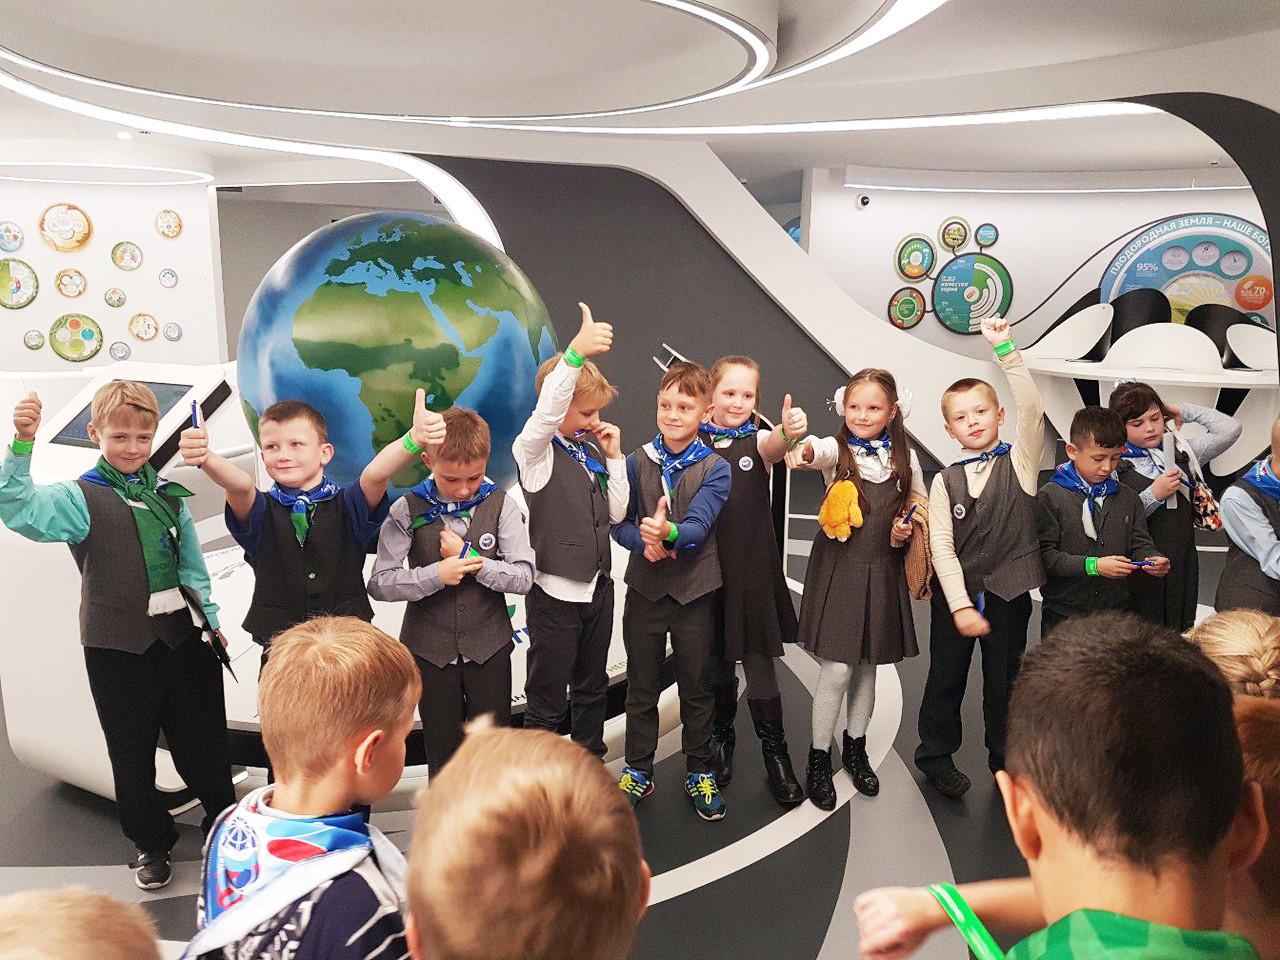 tatjana gorbachewskaja Green planet